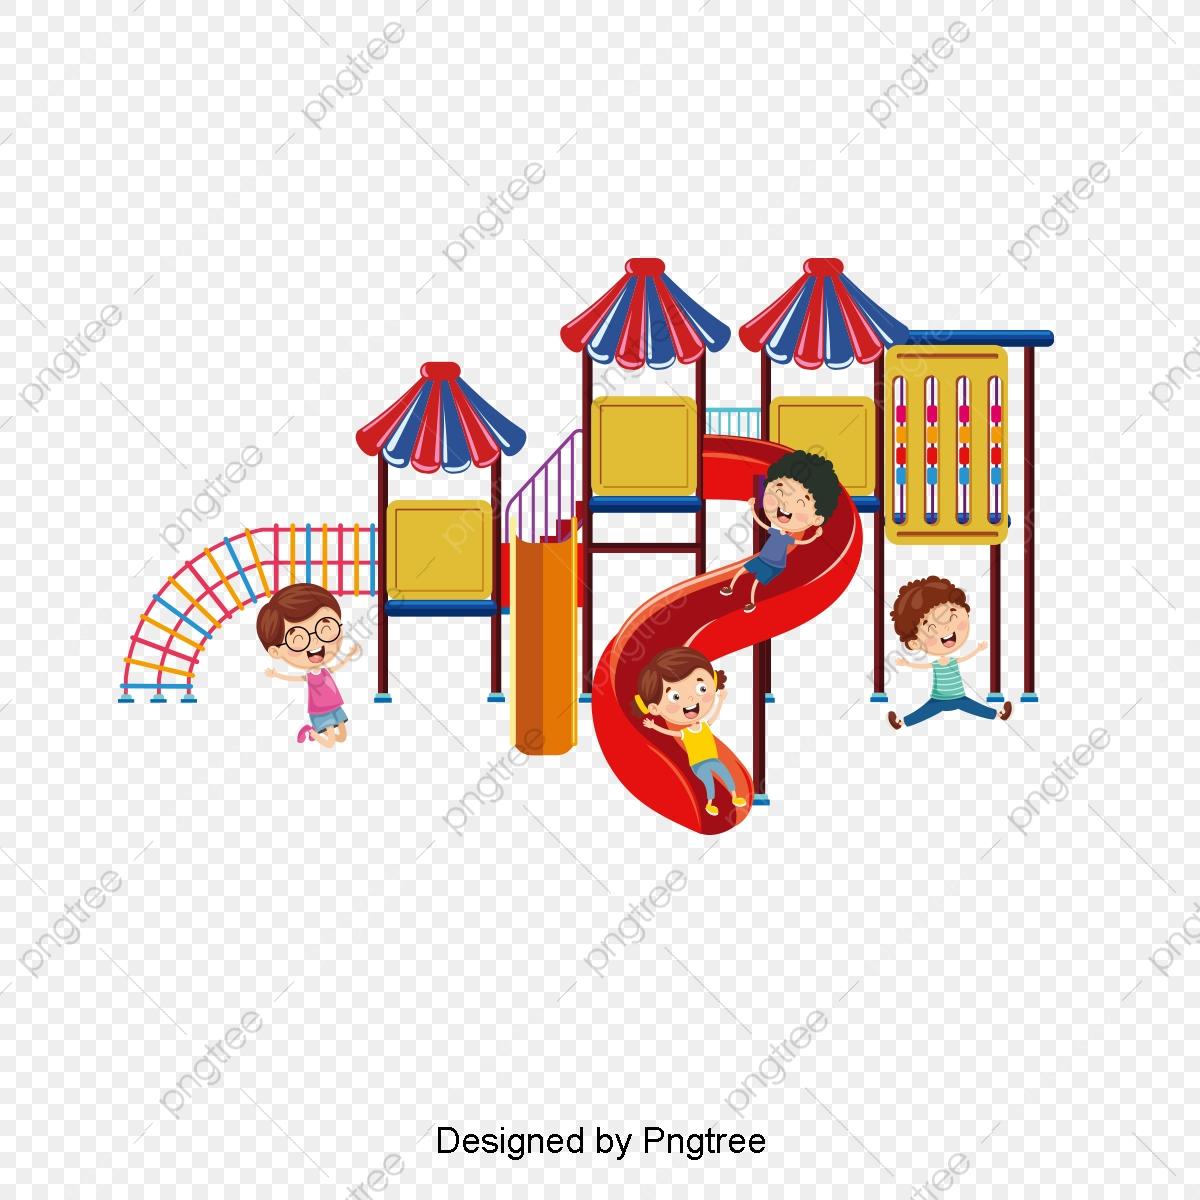 Jeu D'enfant, Parc D'attractions, Les Enfants, Jouer Fichier à Jeux D Enfans Gratuit